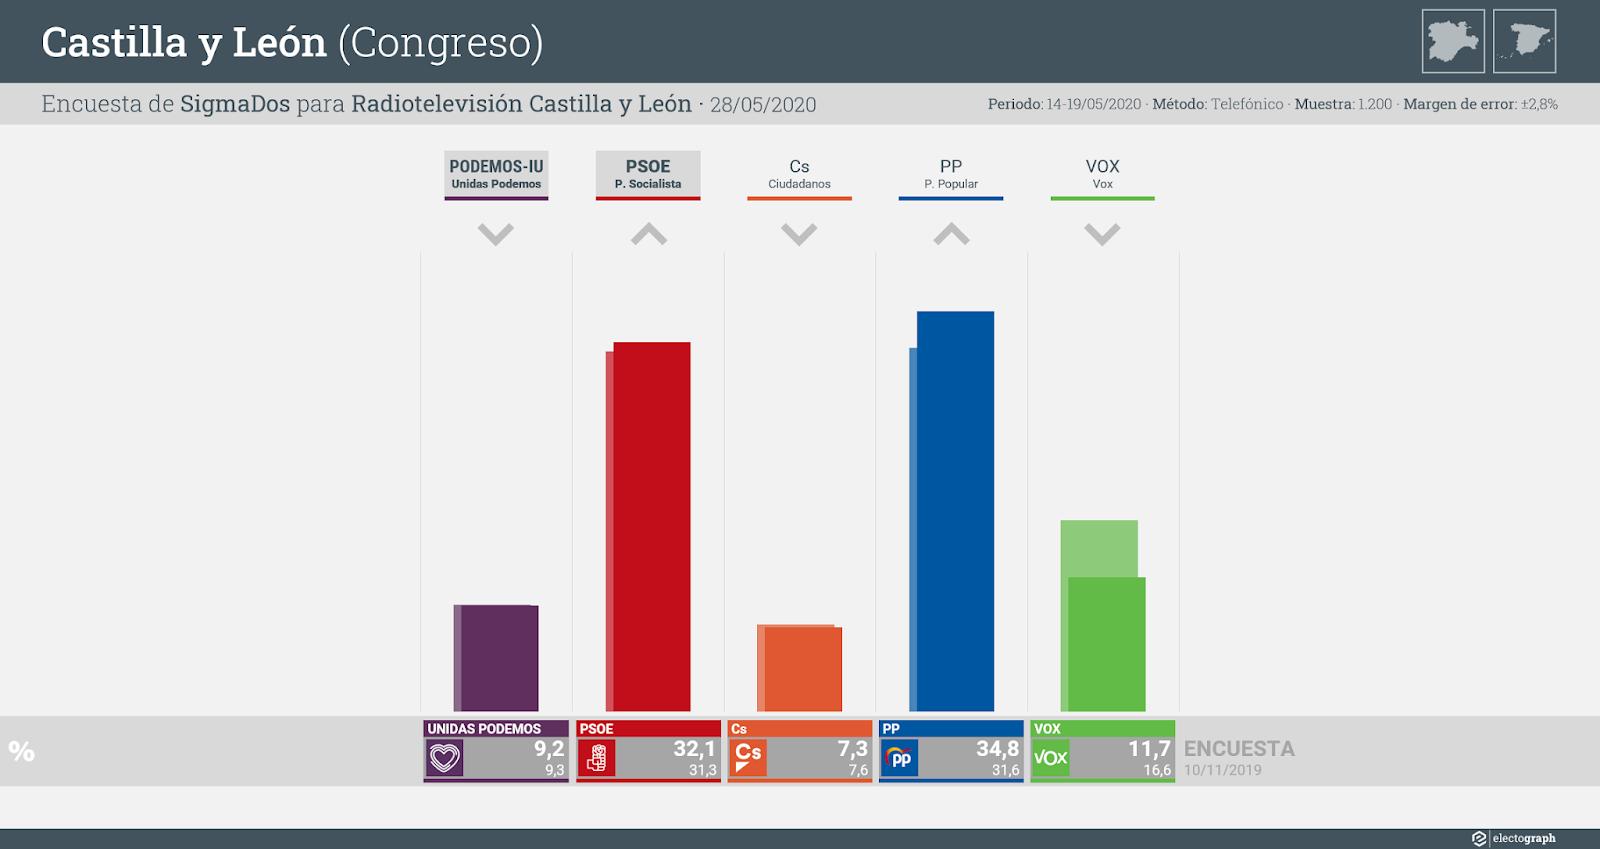 Gráfico de la encuesta para elecciones generales en Castilla y León realizada por SigmaDos para RTVCyL, 28 de mayo de 2020